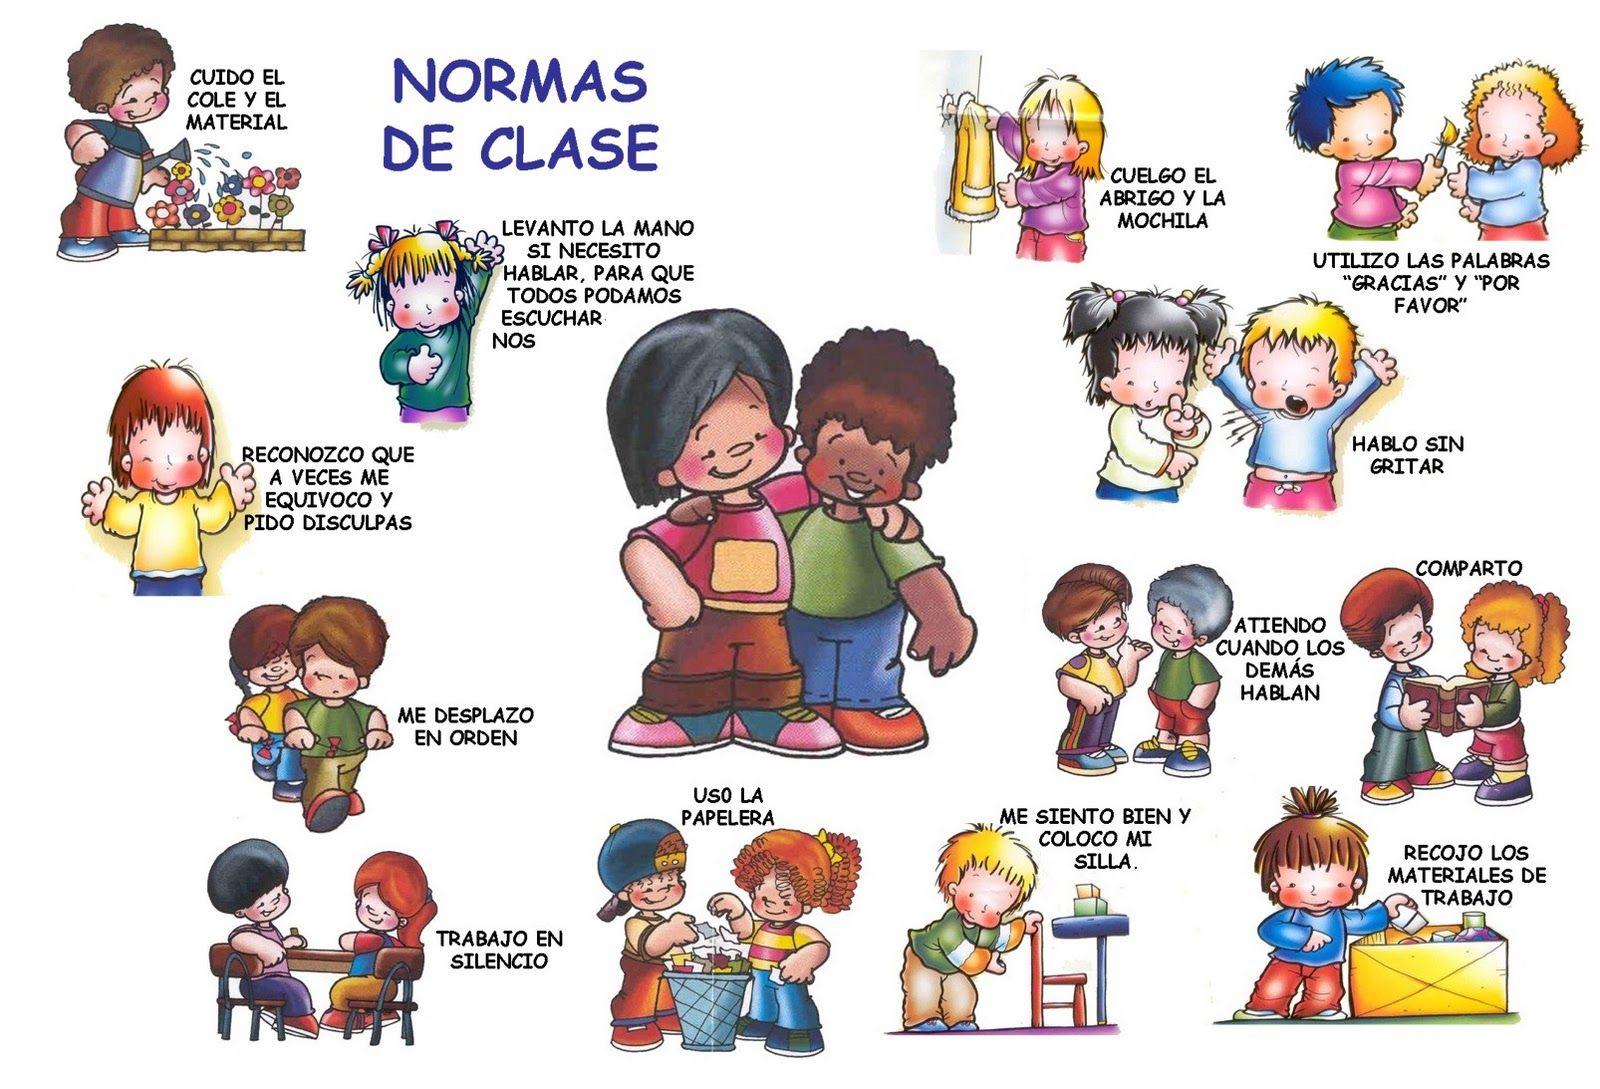 El Quinto Nivel Normas De Convivencia En La Clase Normas De Clase Normas De Convivencia Normas Del Aula